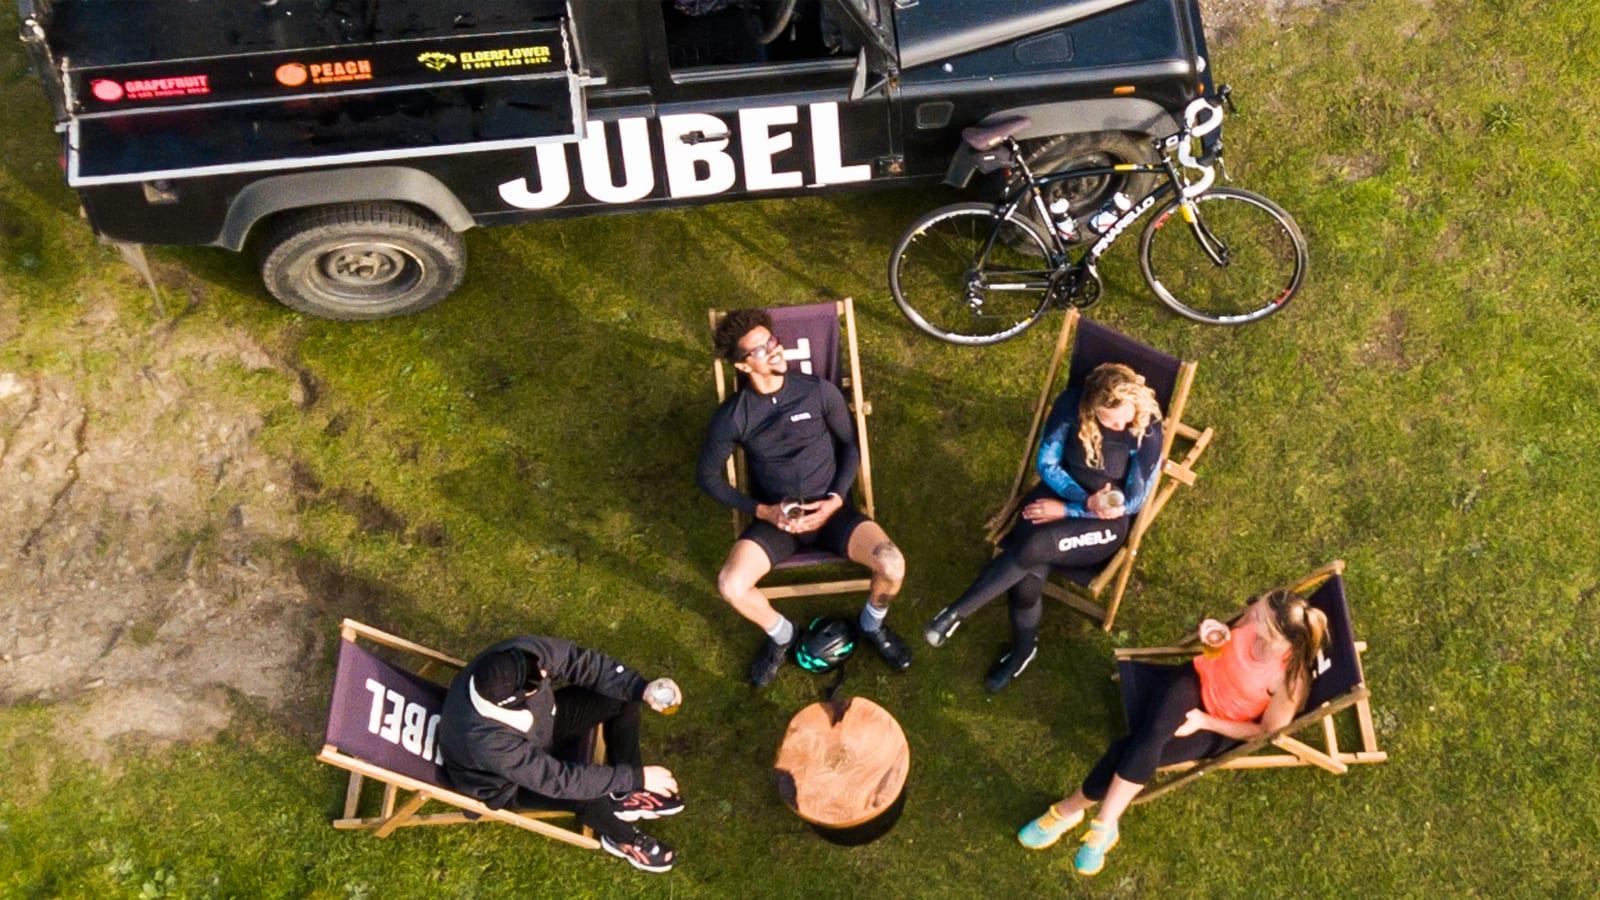 JUBEL Tour of Britain